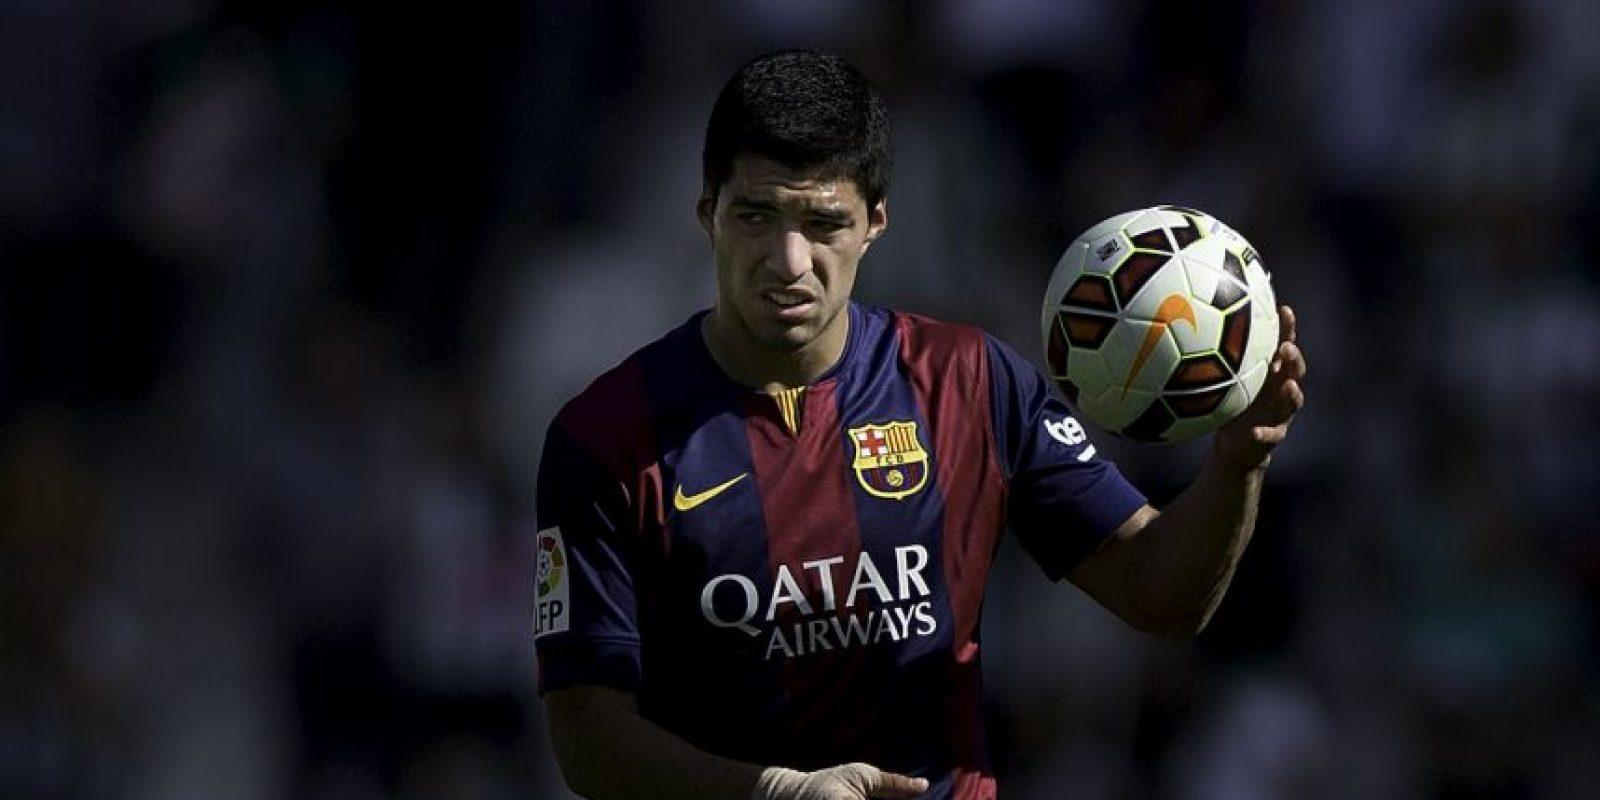 Hoy pasa por un gran momento en su carrera al combinar su talento con el de Messi y Neymar y formar un tridente espectacular en la delantera del Barça. Foto:Getty Images